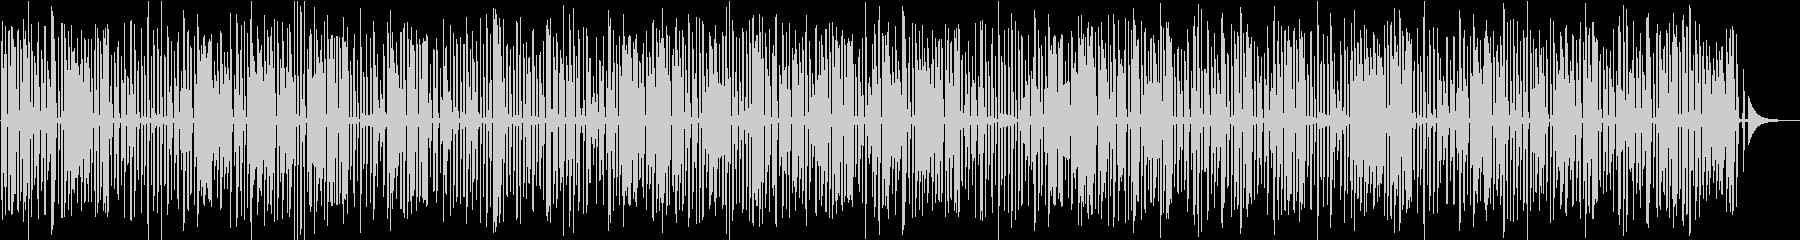 軽快な映像やCMに合うソロジャズピアノの未再生の波形